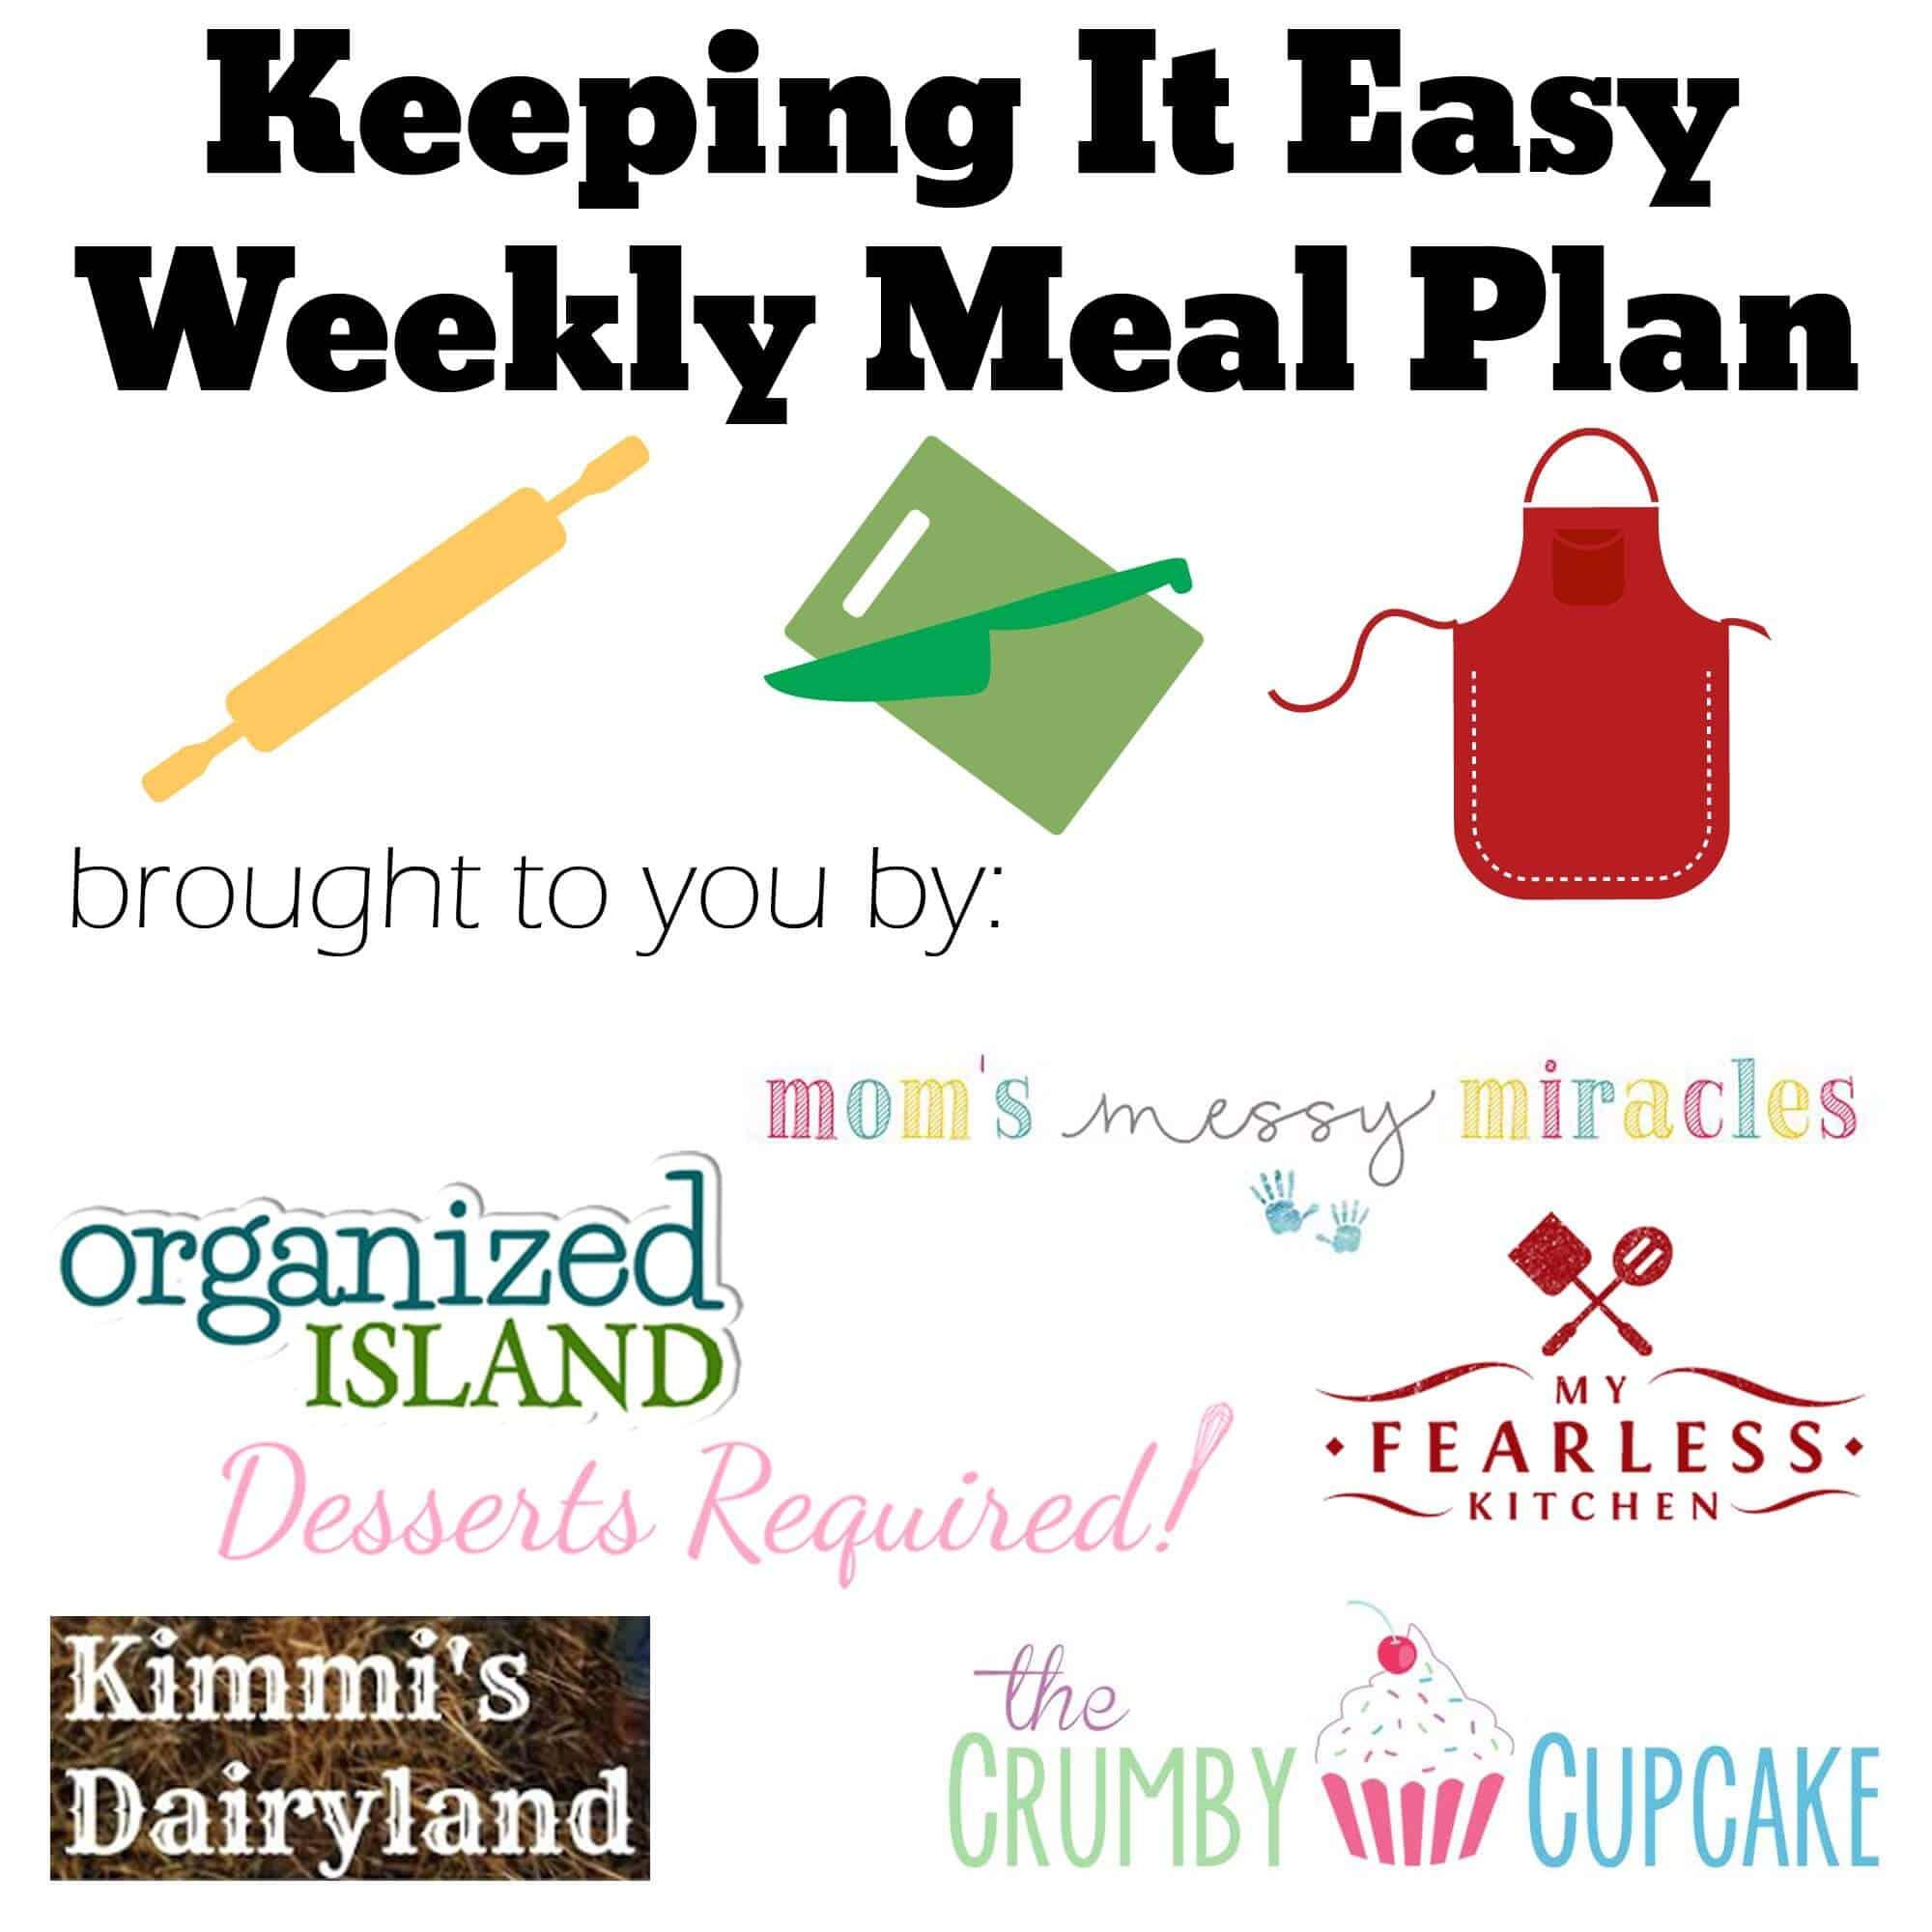 #KeepItEasy Weekly Meal Plan